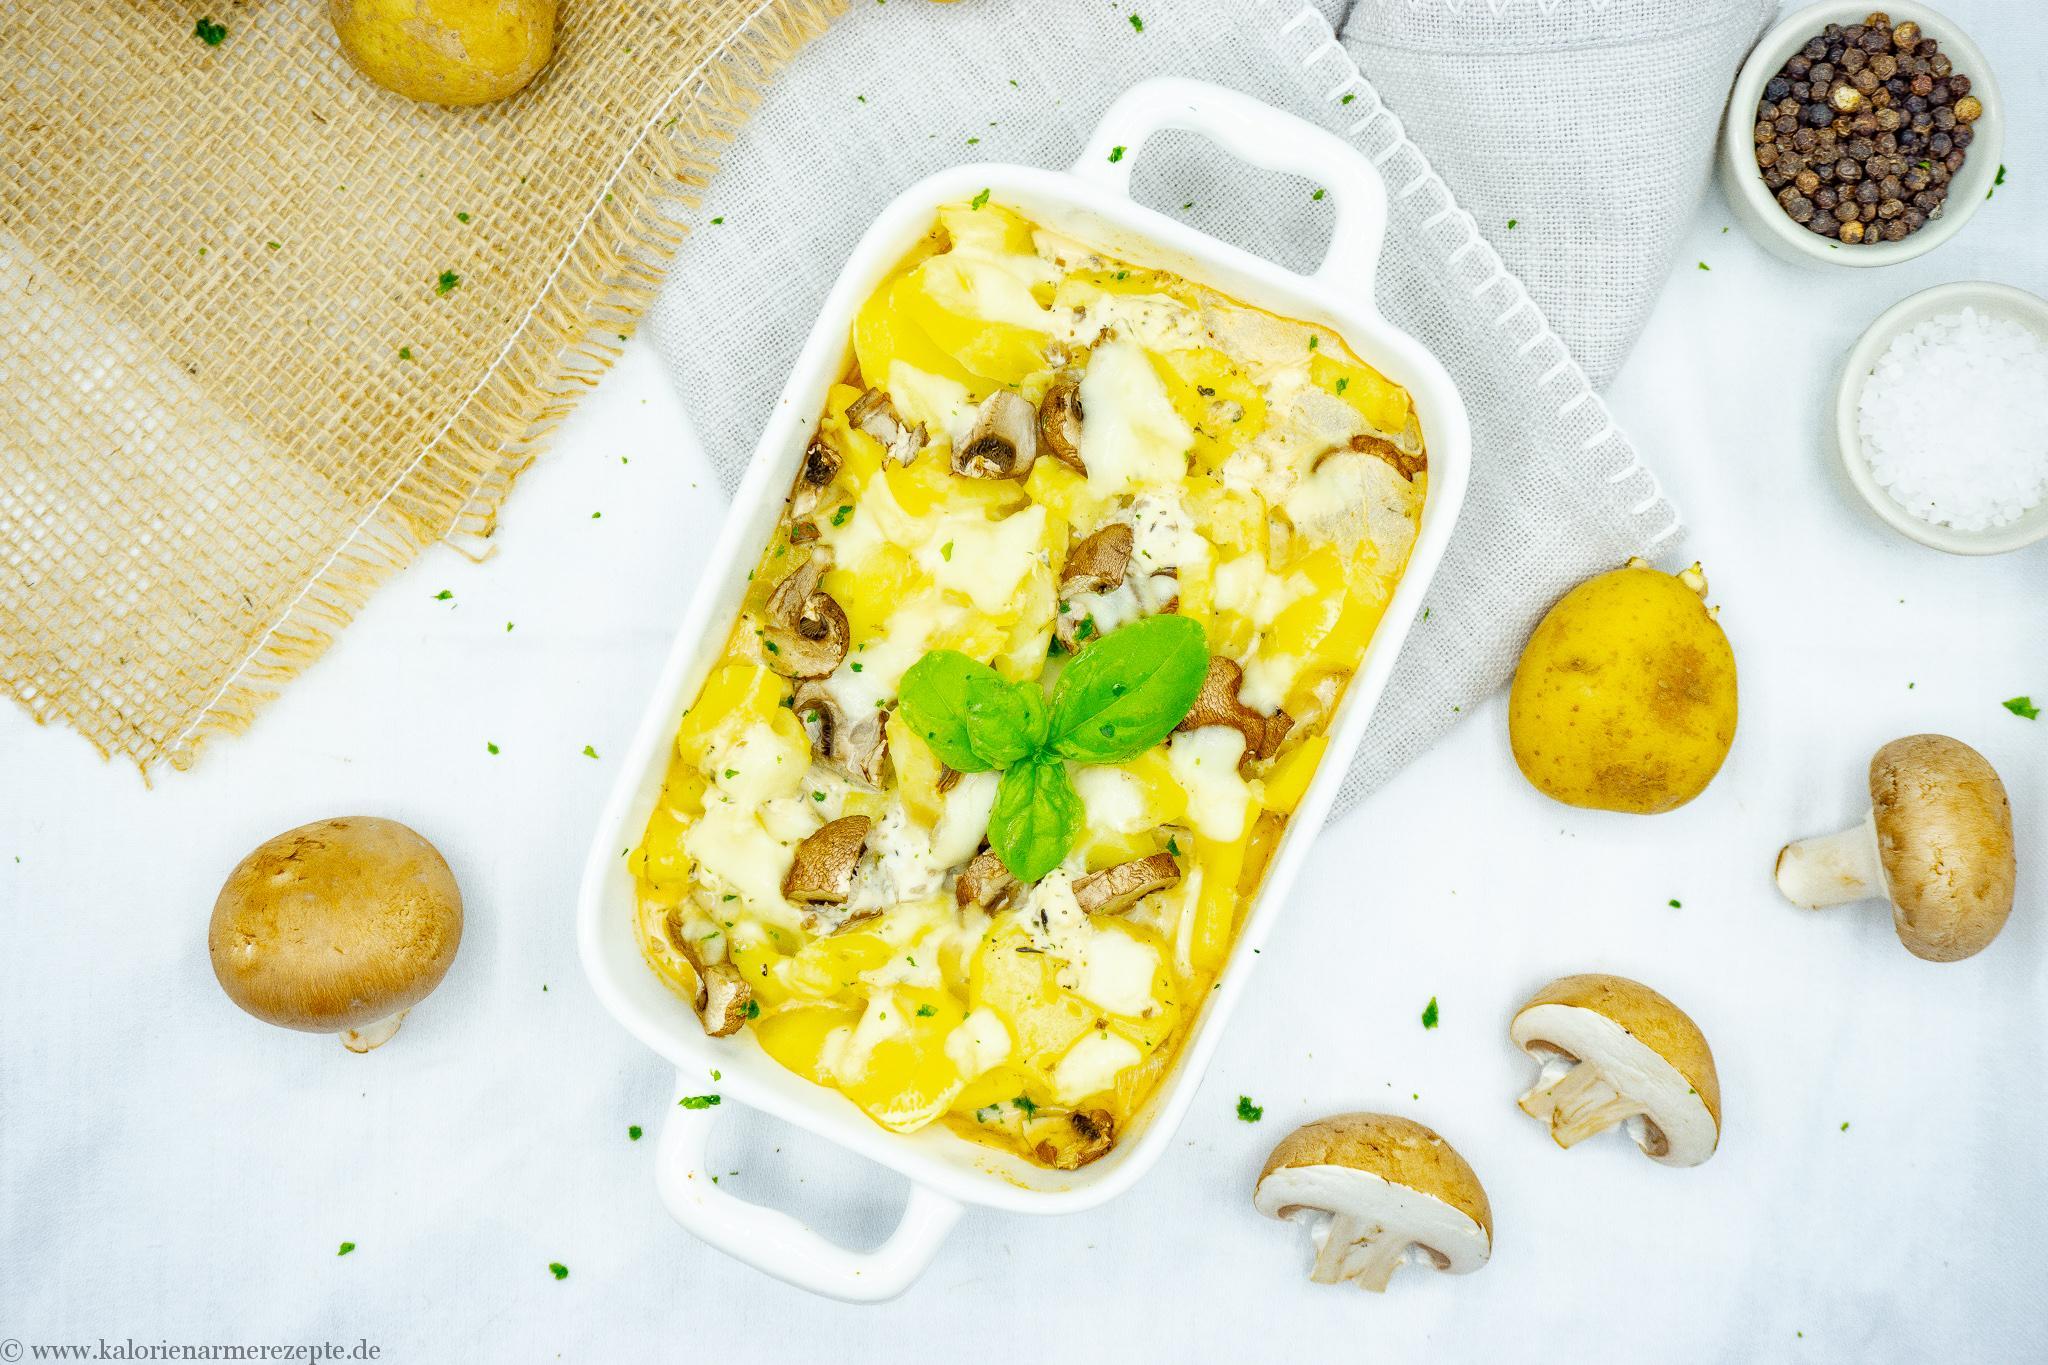 Kartoffel-Gemüse Gratin - Kalorienarme Rezepte